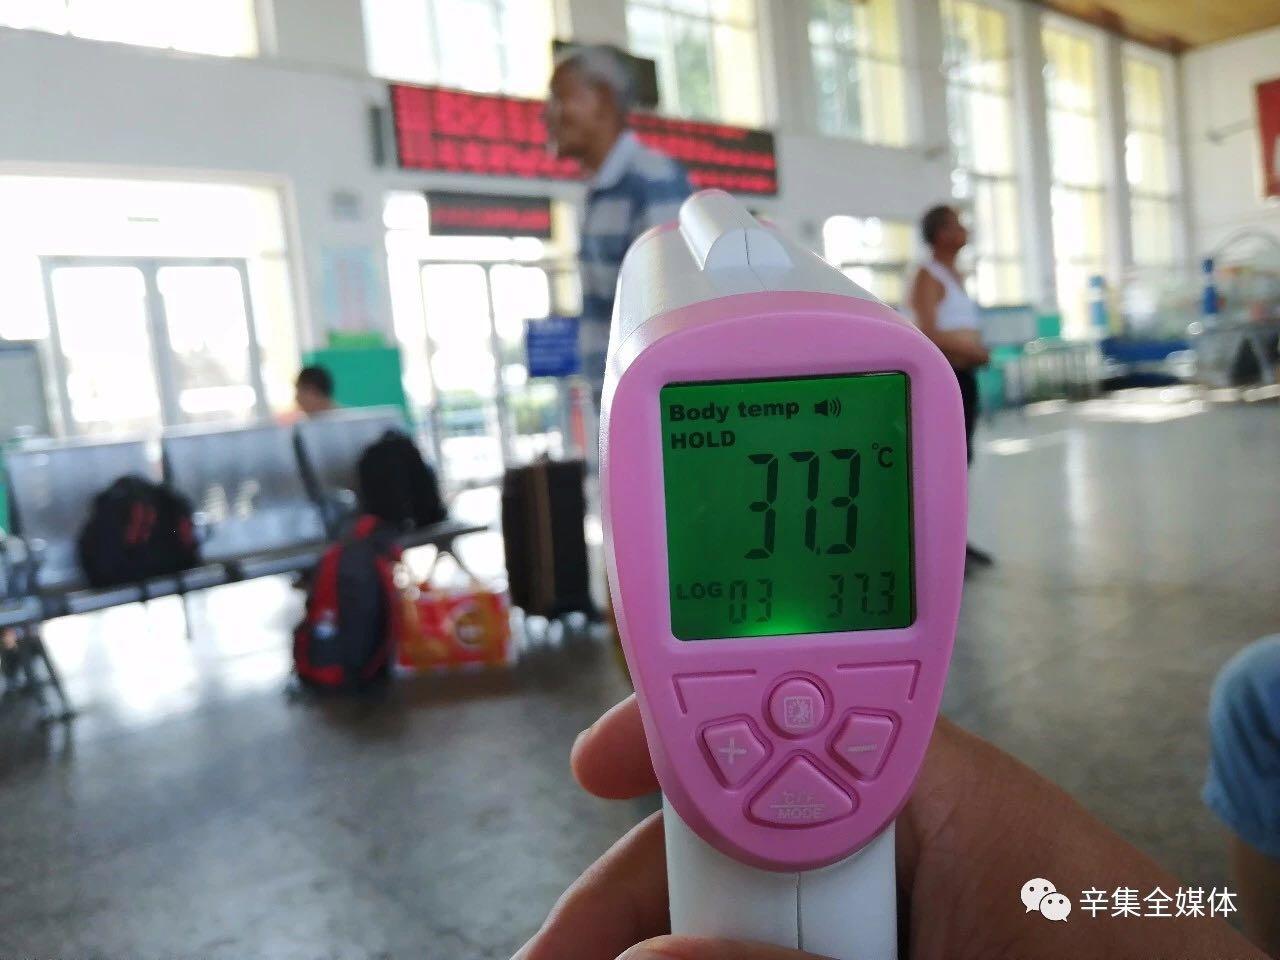 37.3度,发烧了?NO,这是辛集老火车站候车室的温度!(辛集全媒体)